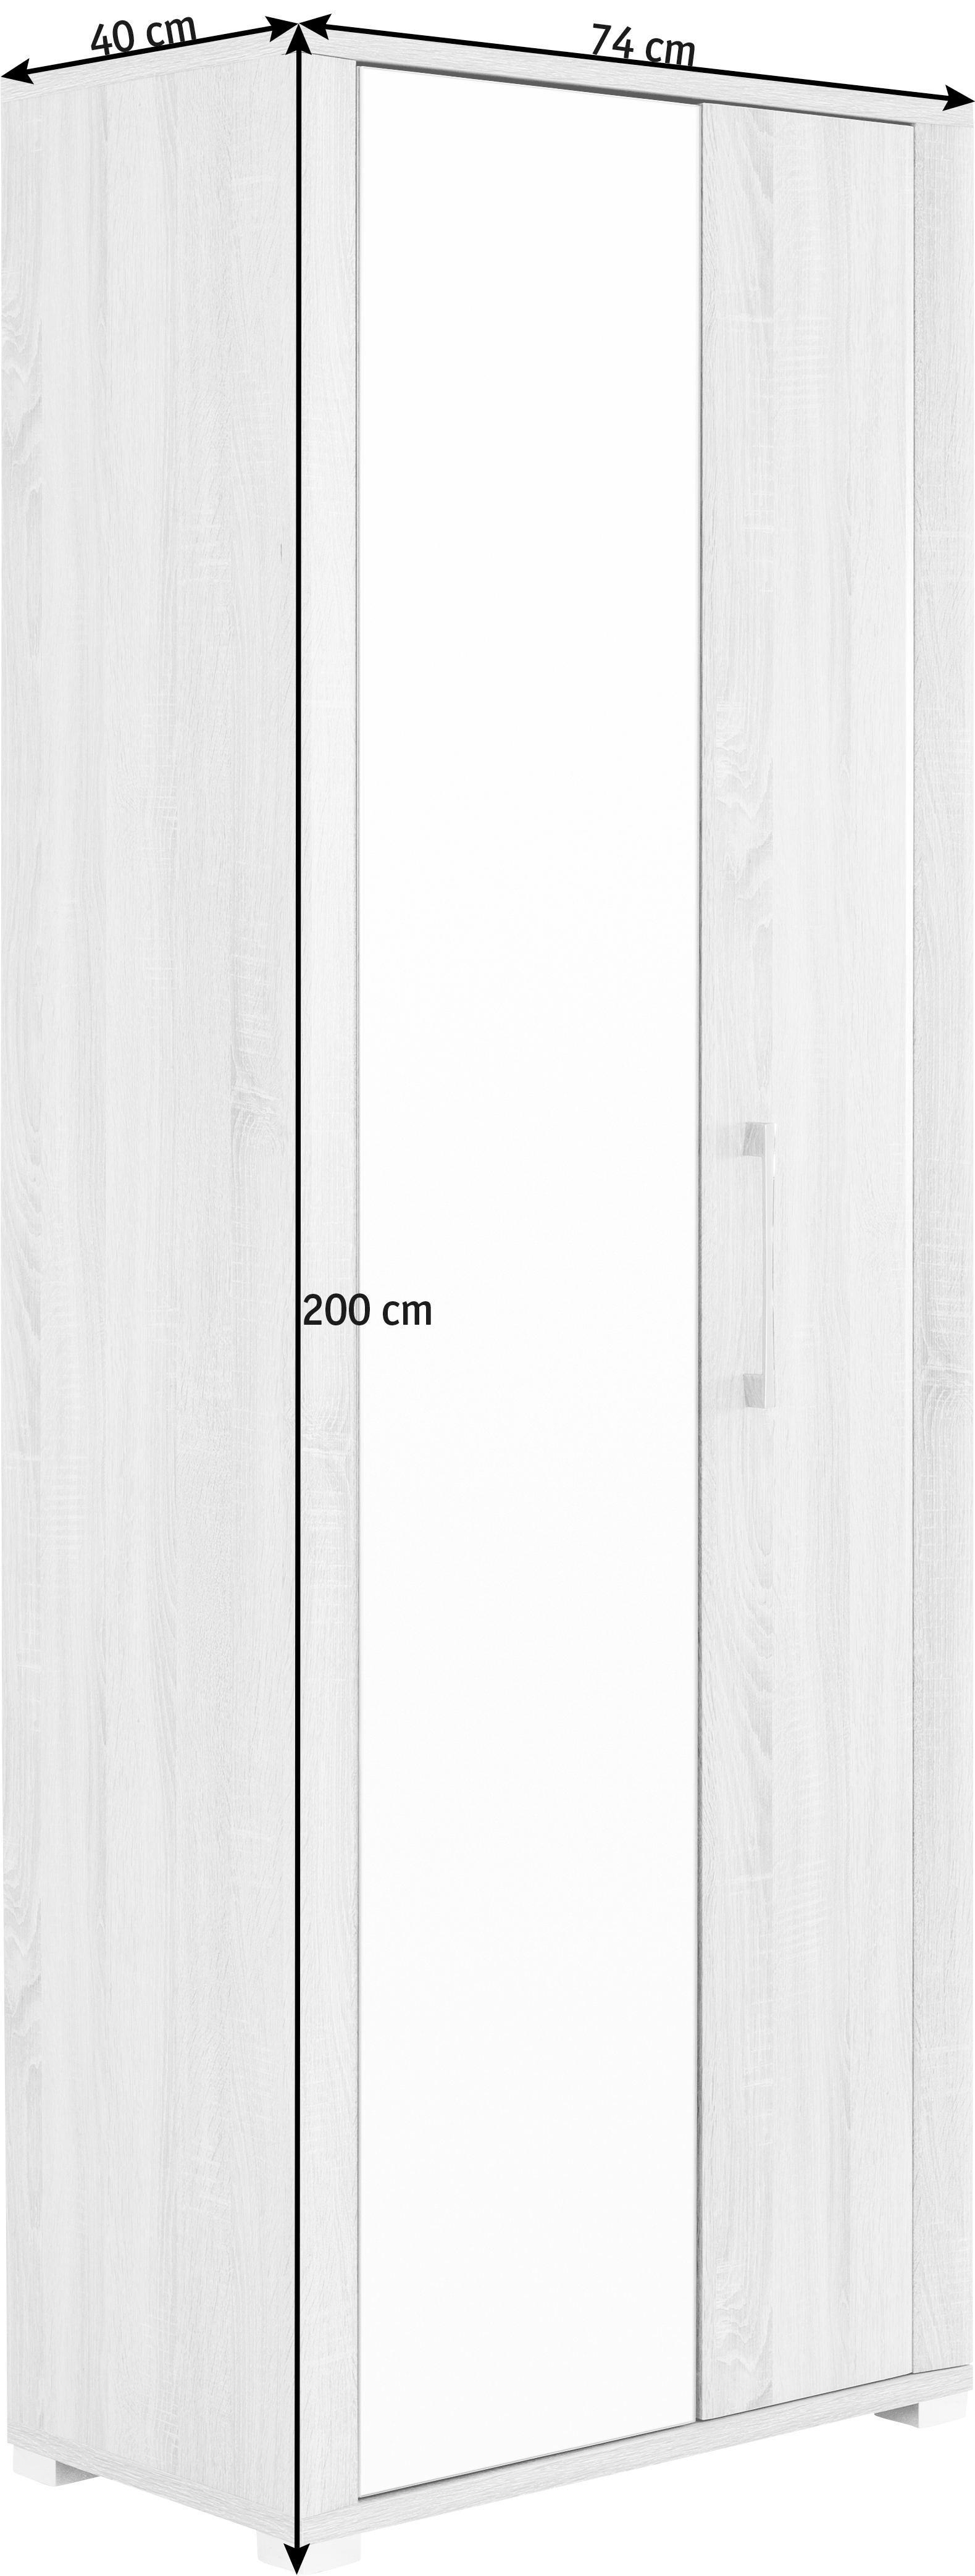 ORMAR GARDEROBNI - boje srebra/hrast Sonoma, Konvencionalno, staklo/drvni materijal (74/200/40cm) - CANTUS